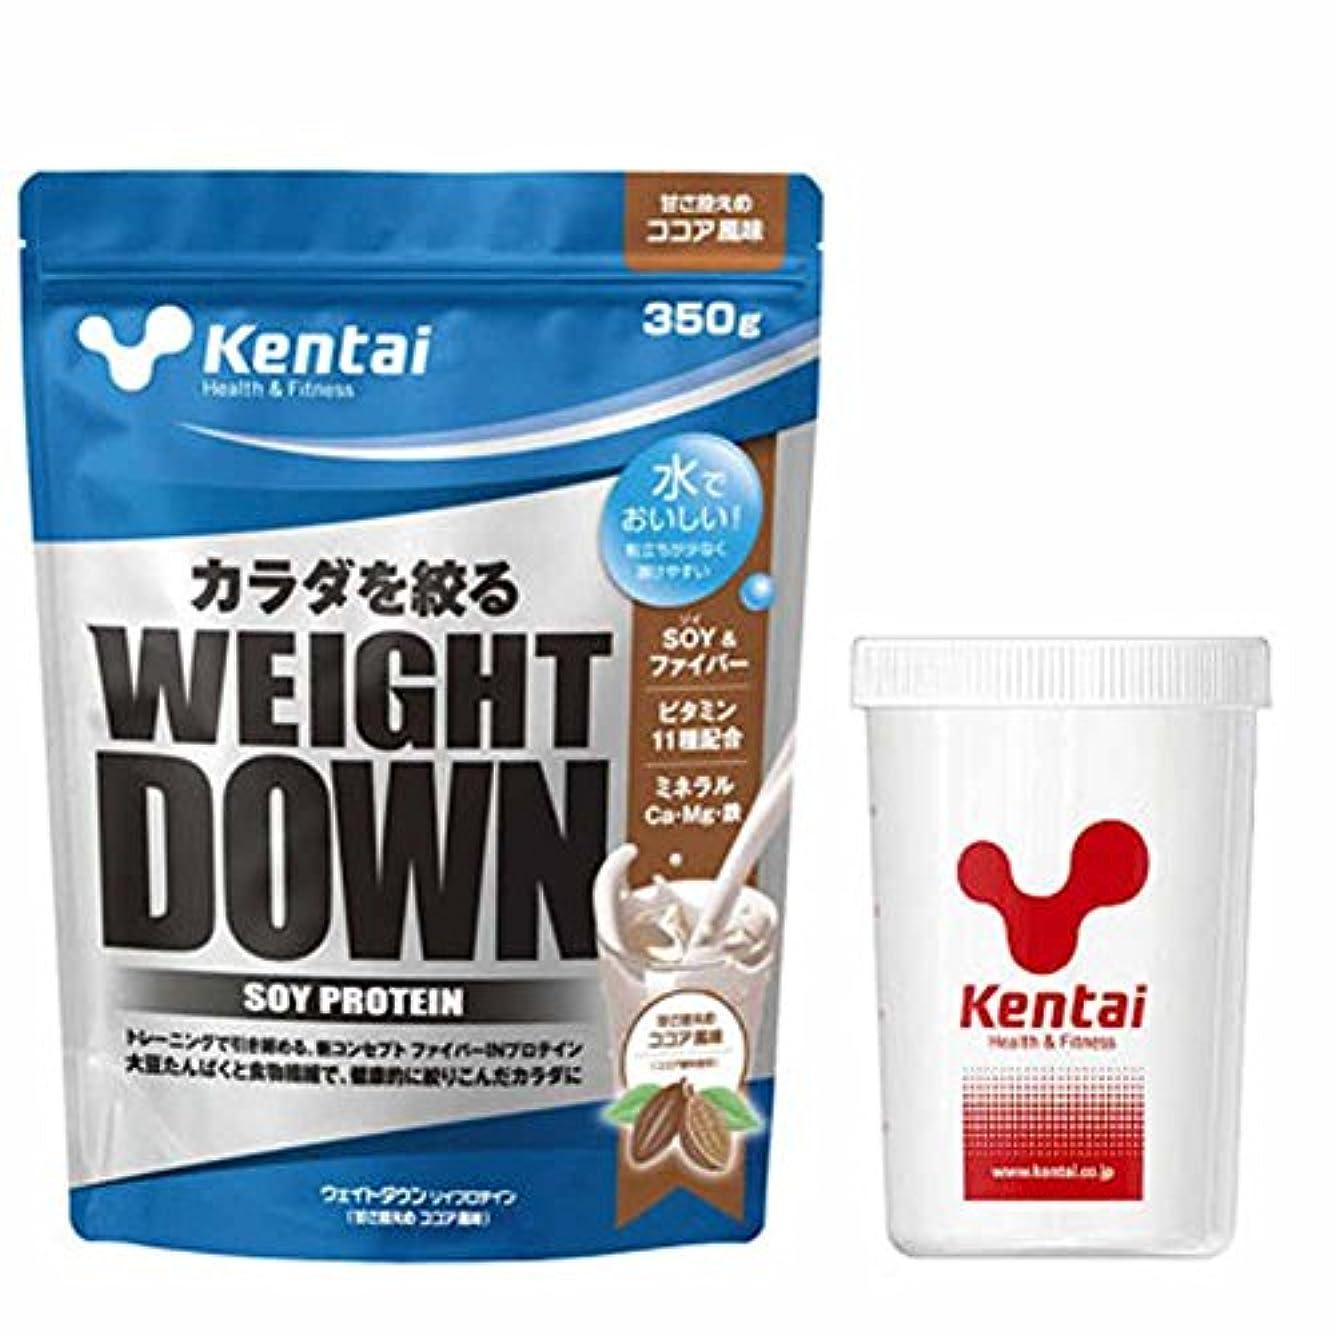 有限すべきフランクワースリーKentai(ケンタイ) ウエイトダウンSOYプロテイン ココア風味+Kentaiプロテインシェーカーセット K1140-K005